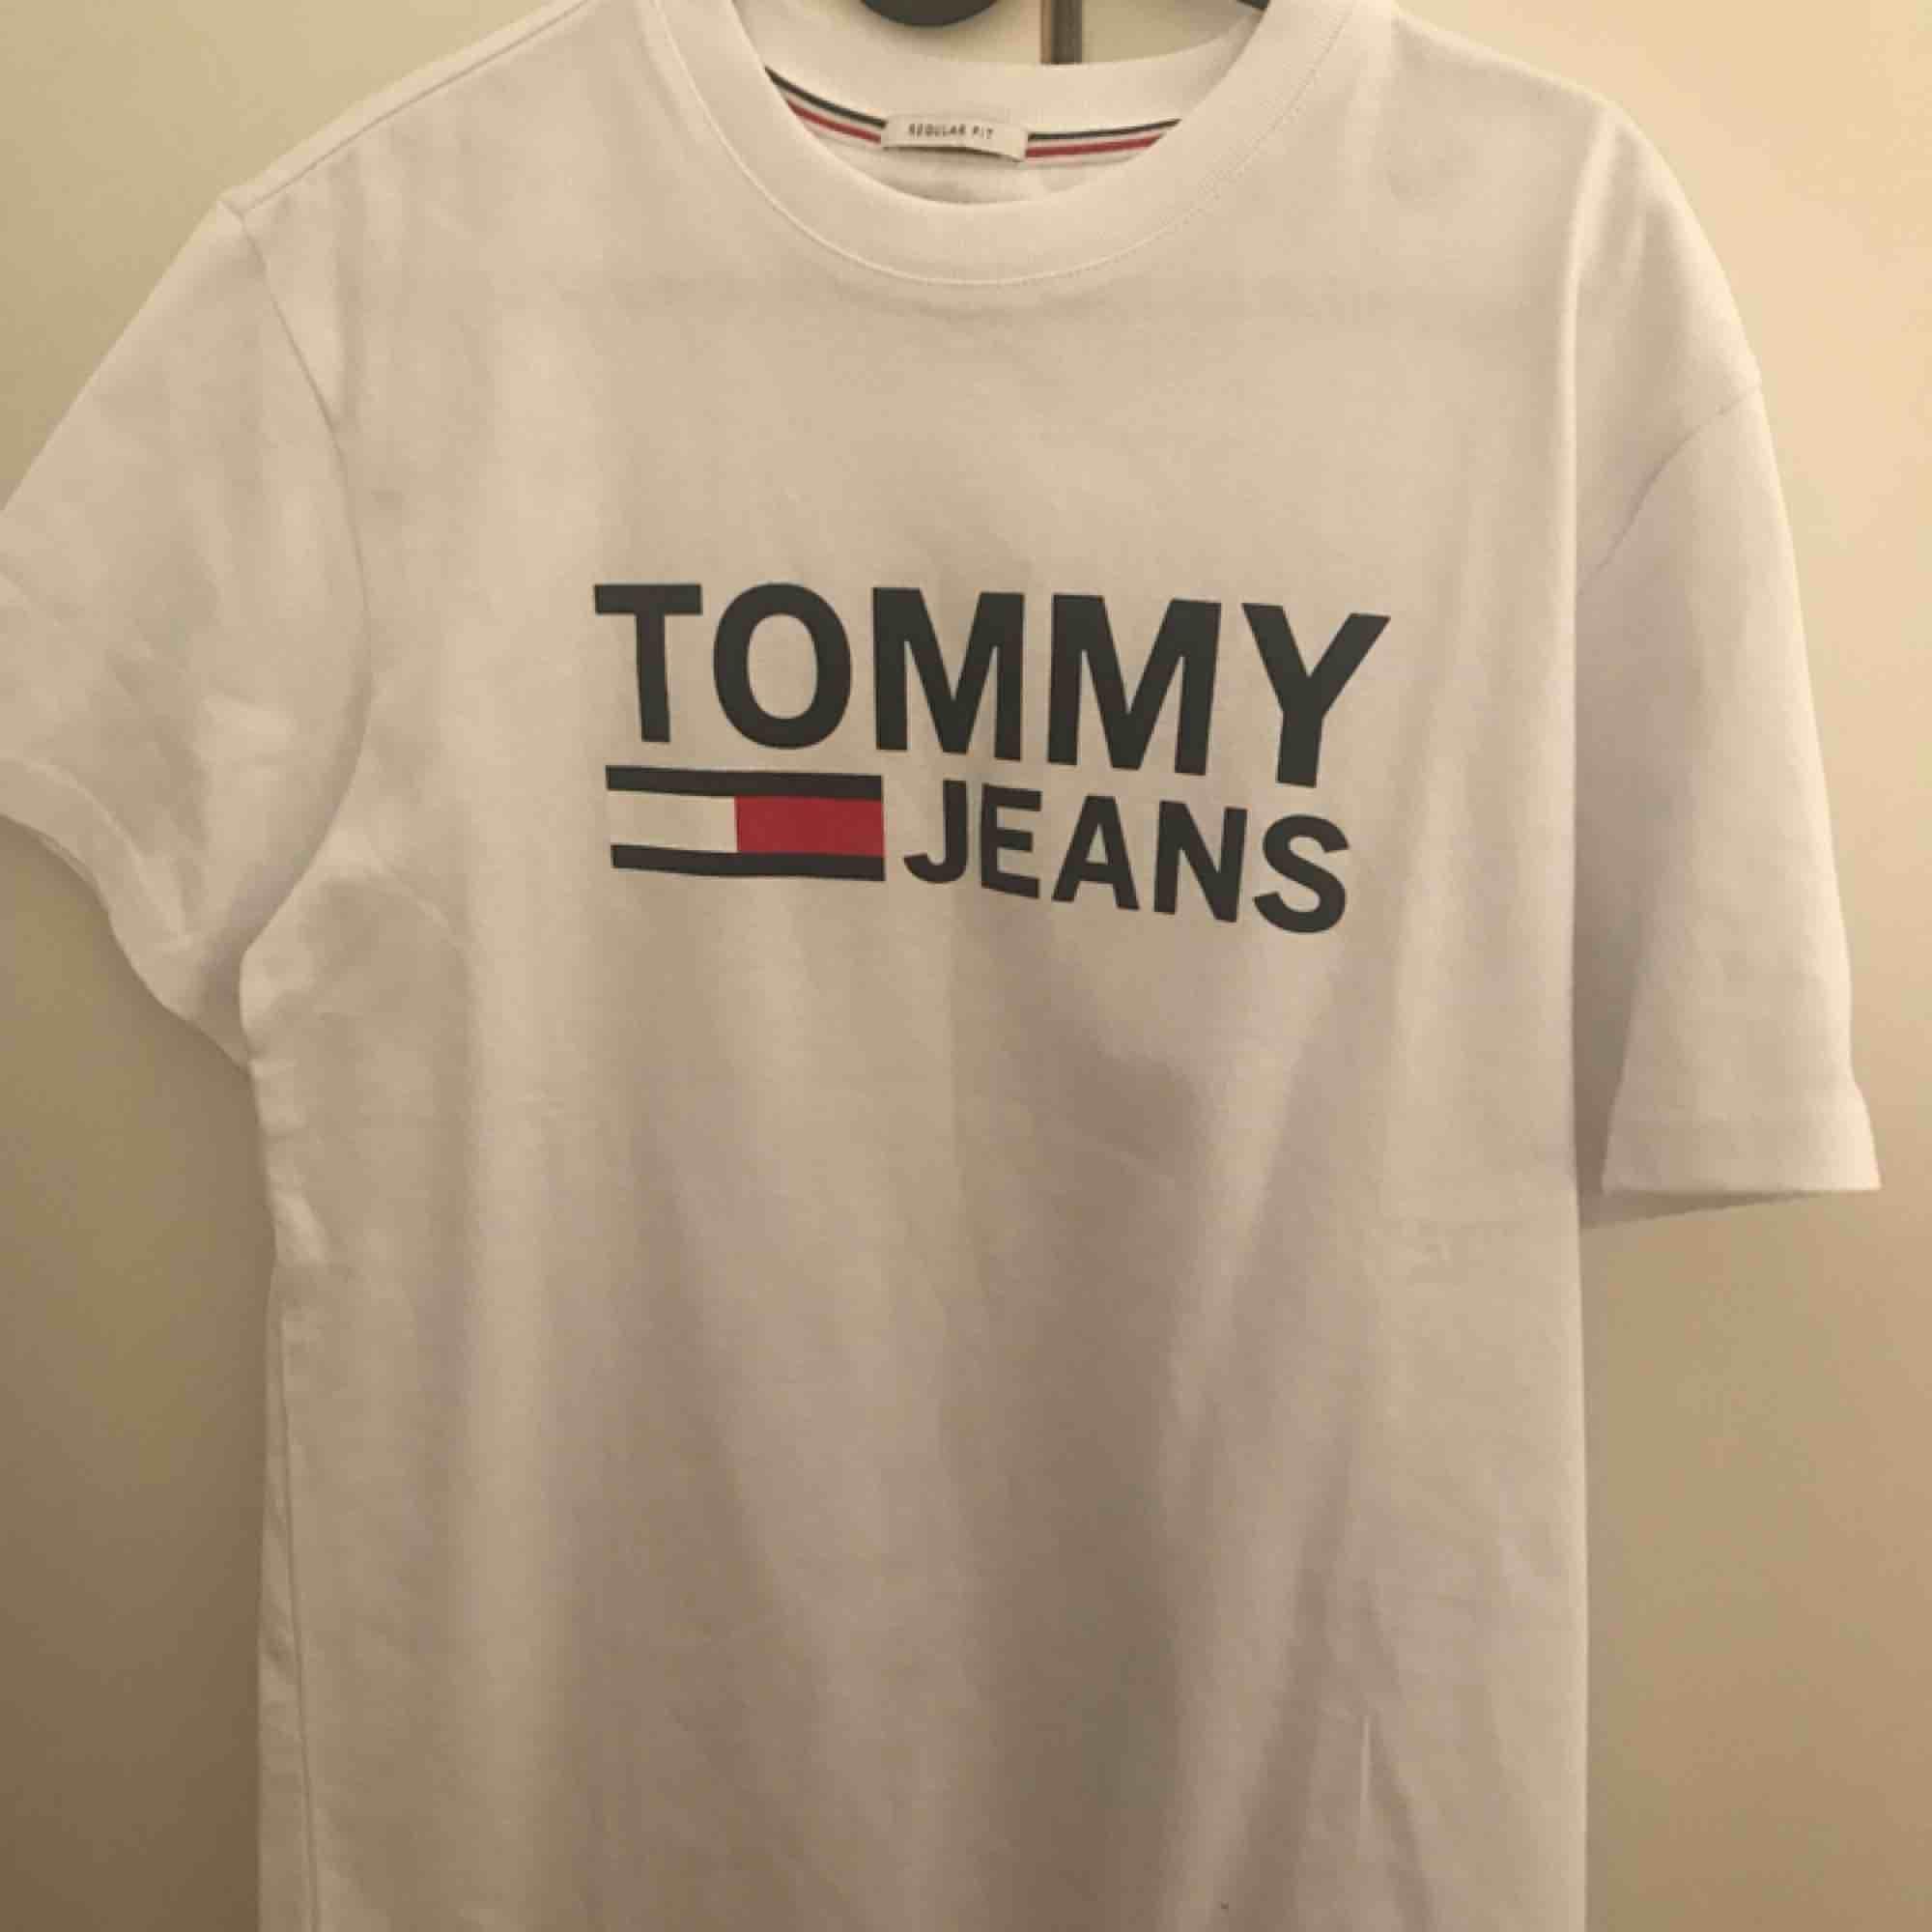 Säljer nu 2 plagg med märket Tommy Hilfiger. En t-shirt och en tjocktröja. Båda är storlek S men är en aning större. Aldrig använd. Tjocktröjan köptes för 699kr och säljes för 450kr / t-shirt köptes för 499kr och säljes för 250kr. Perfekt i present.. Huvtröjor & Träningströjor.